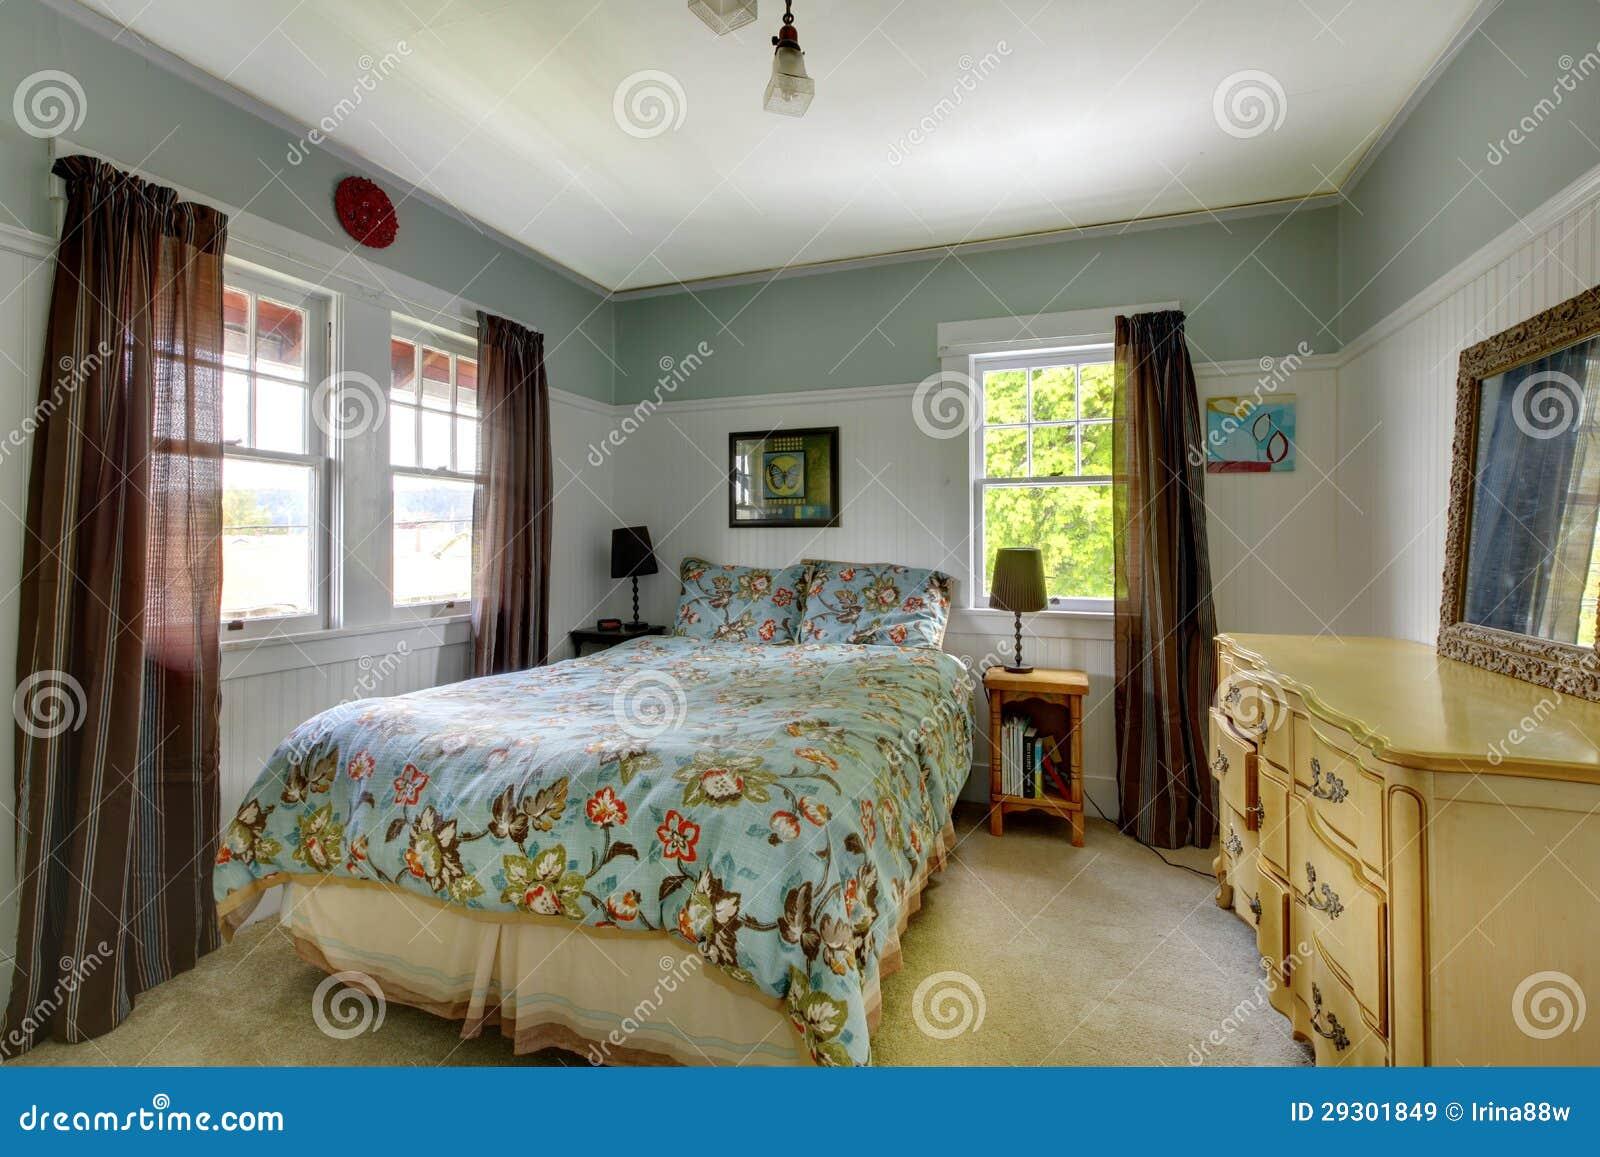 Int rieur de chambre coucher avec le bleu et le brun for Interieur de chambre a coucher